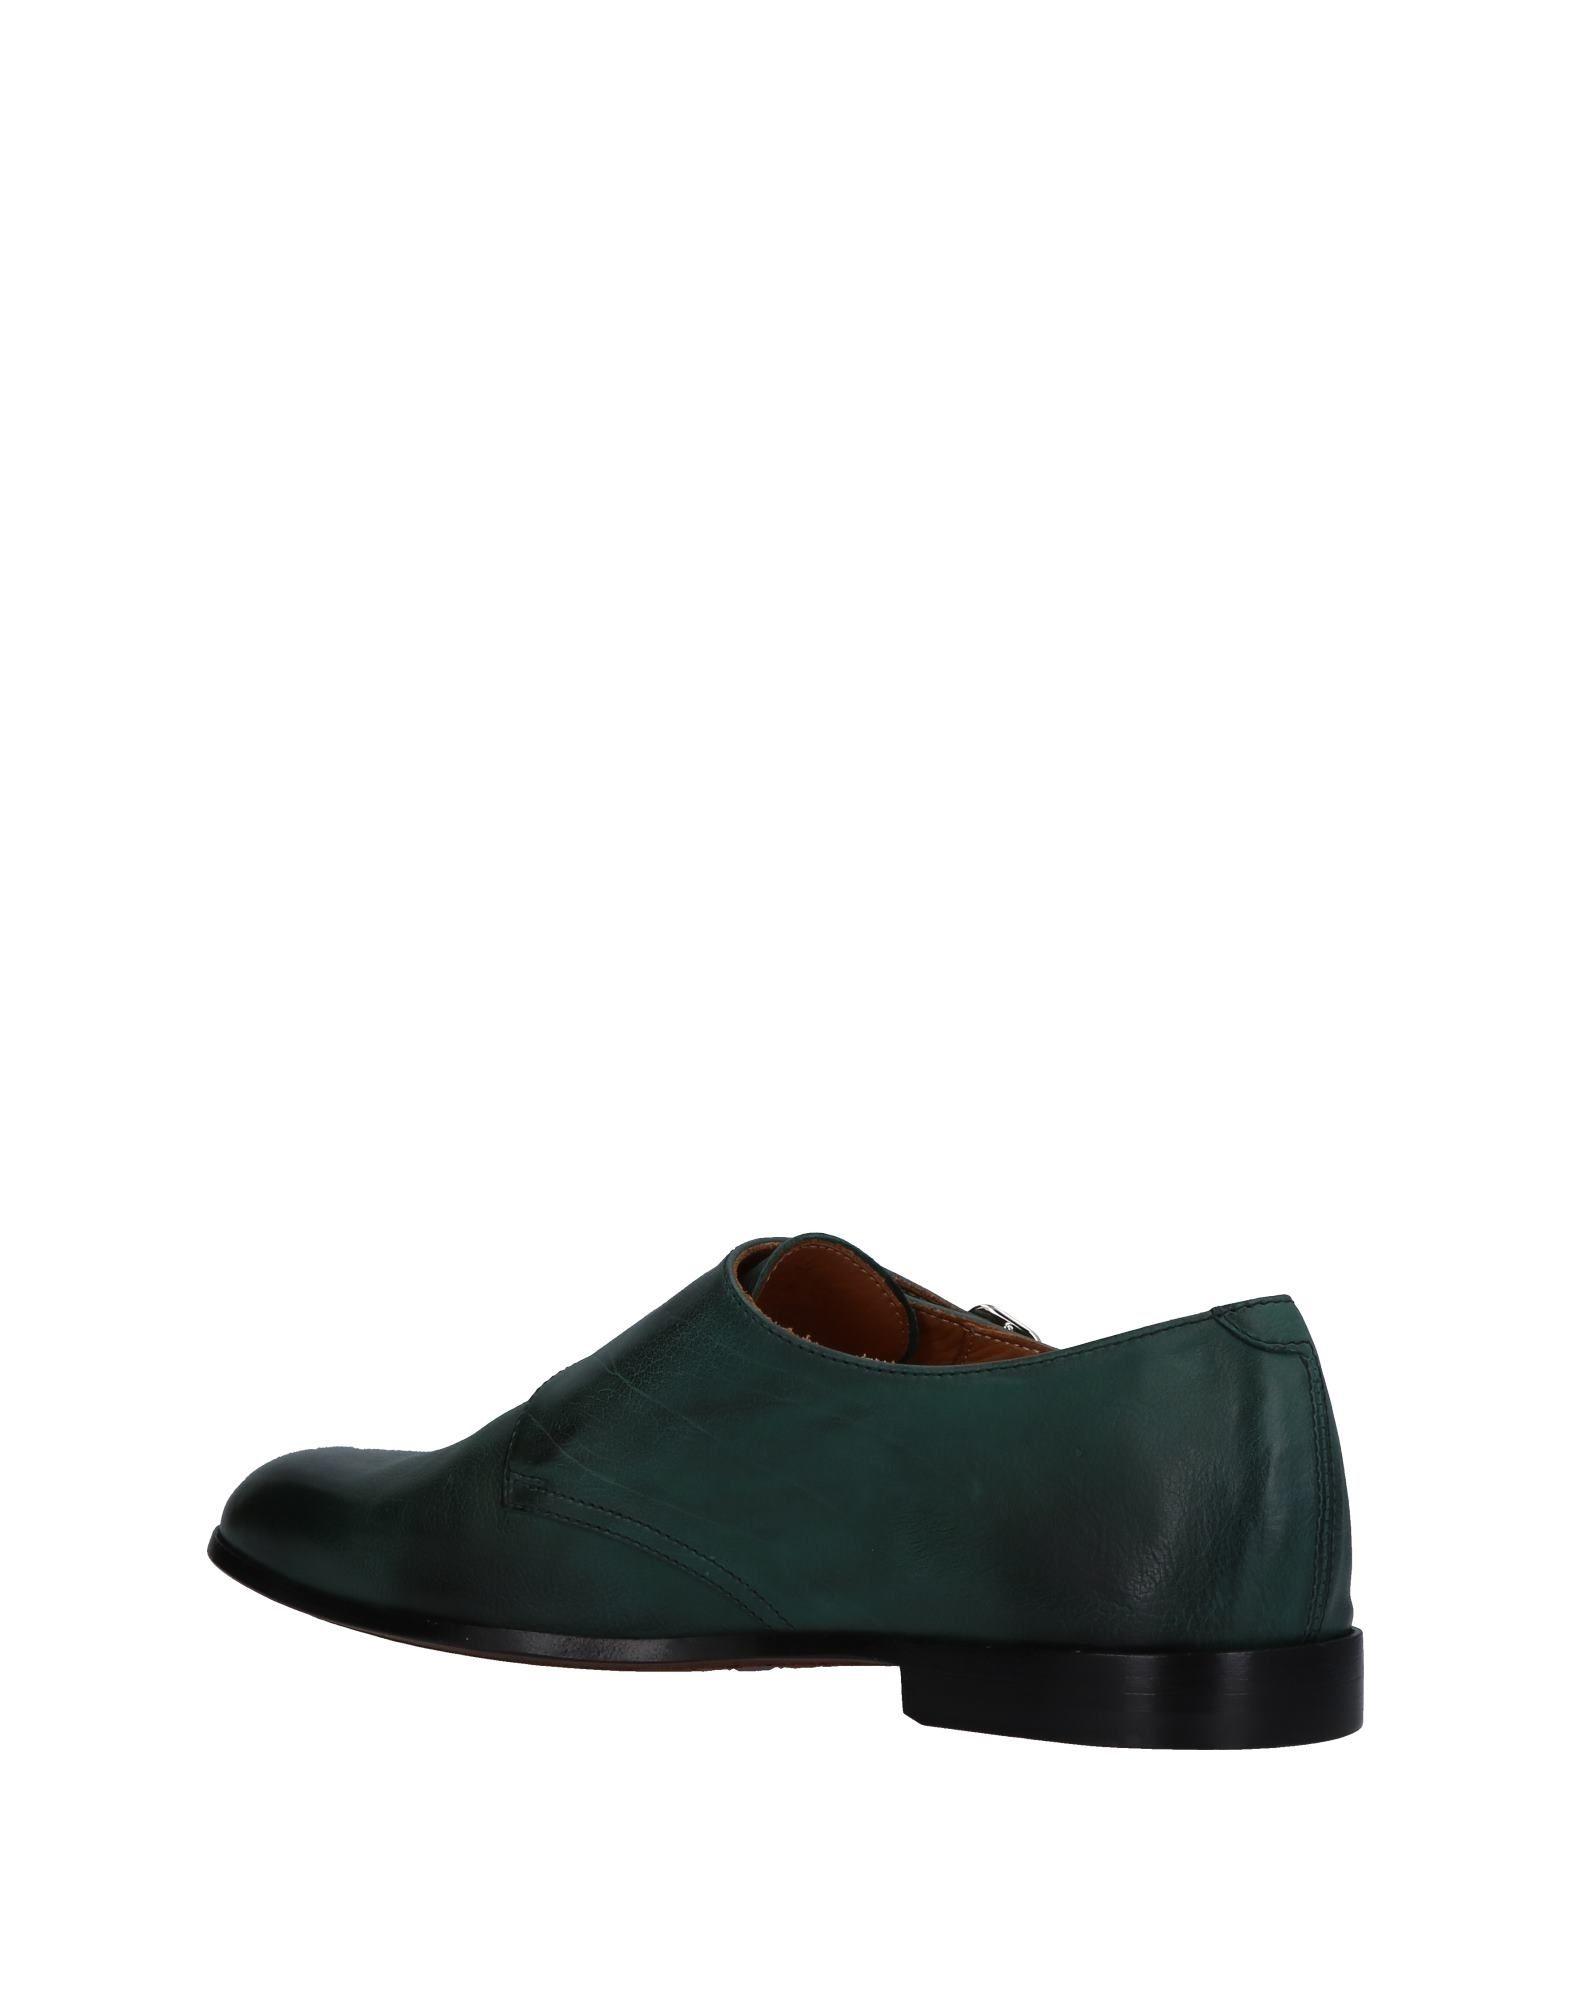 Doucal's Mokassins Herren  11407380WW Gute Qualität beliebte Schuhe Schuhe beliebte 291e45